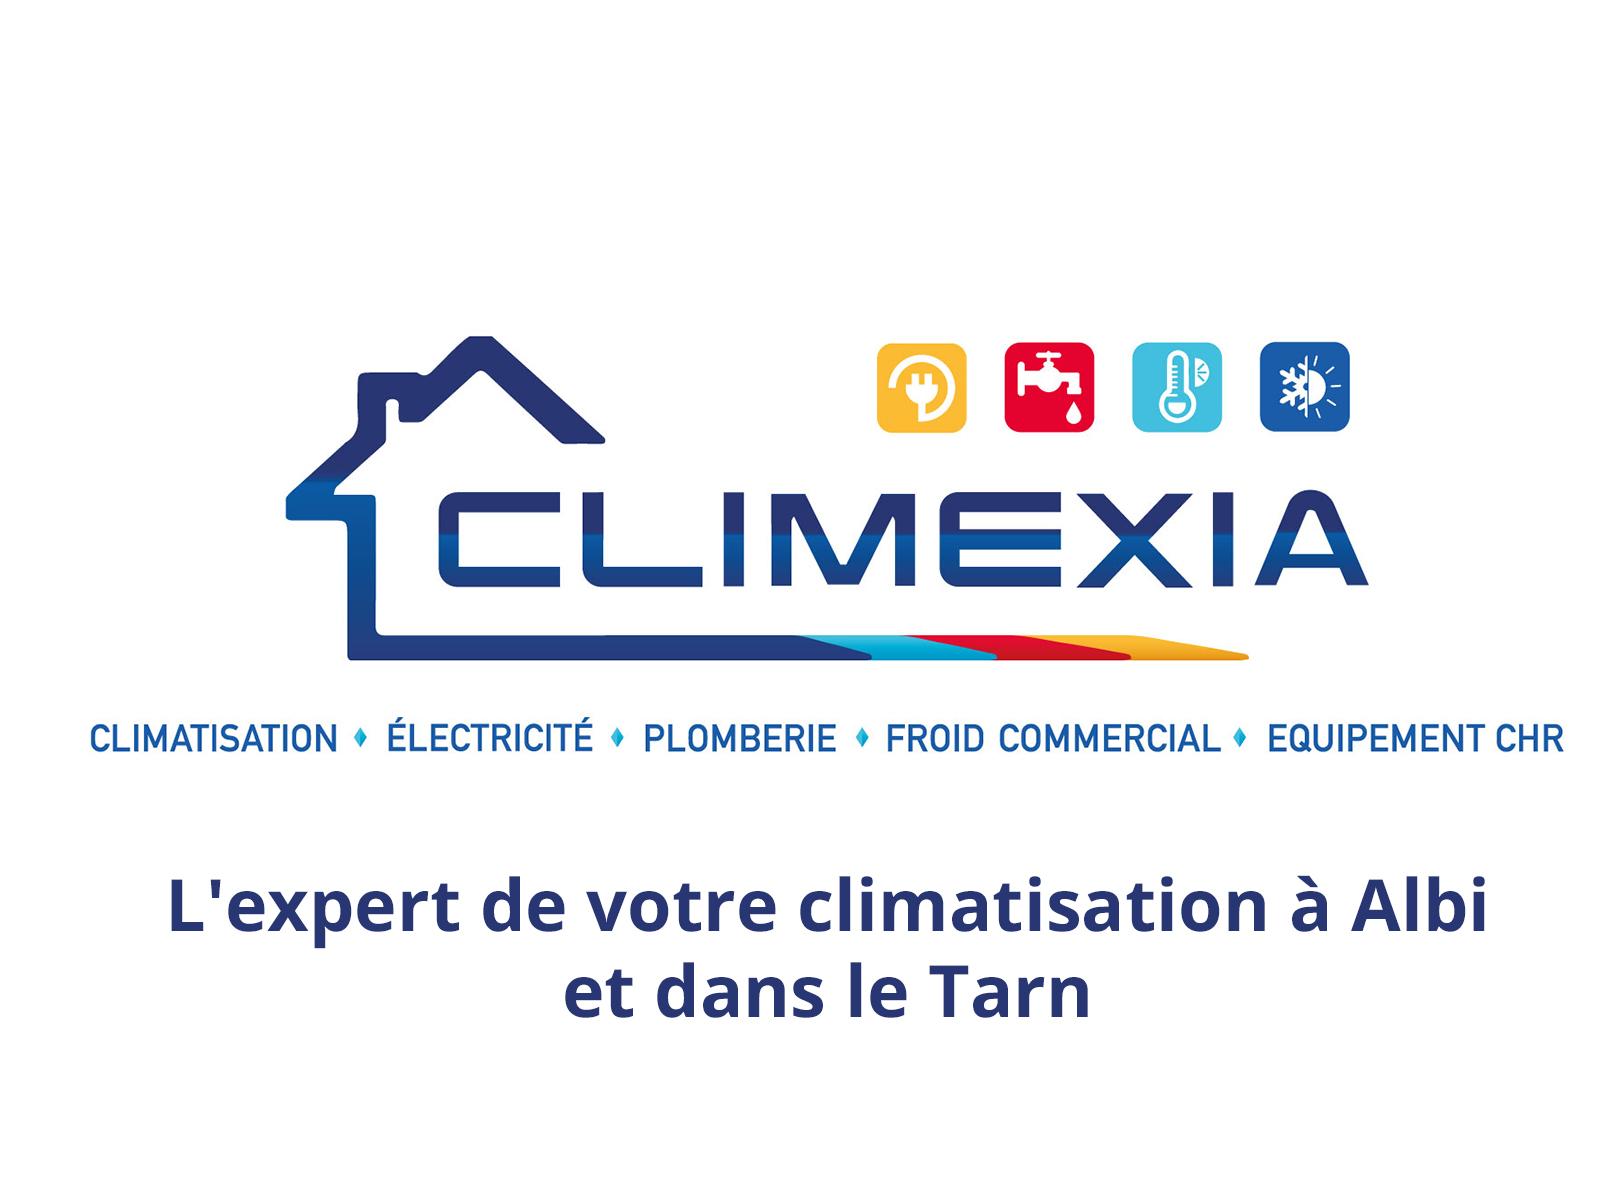 Climexia